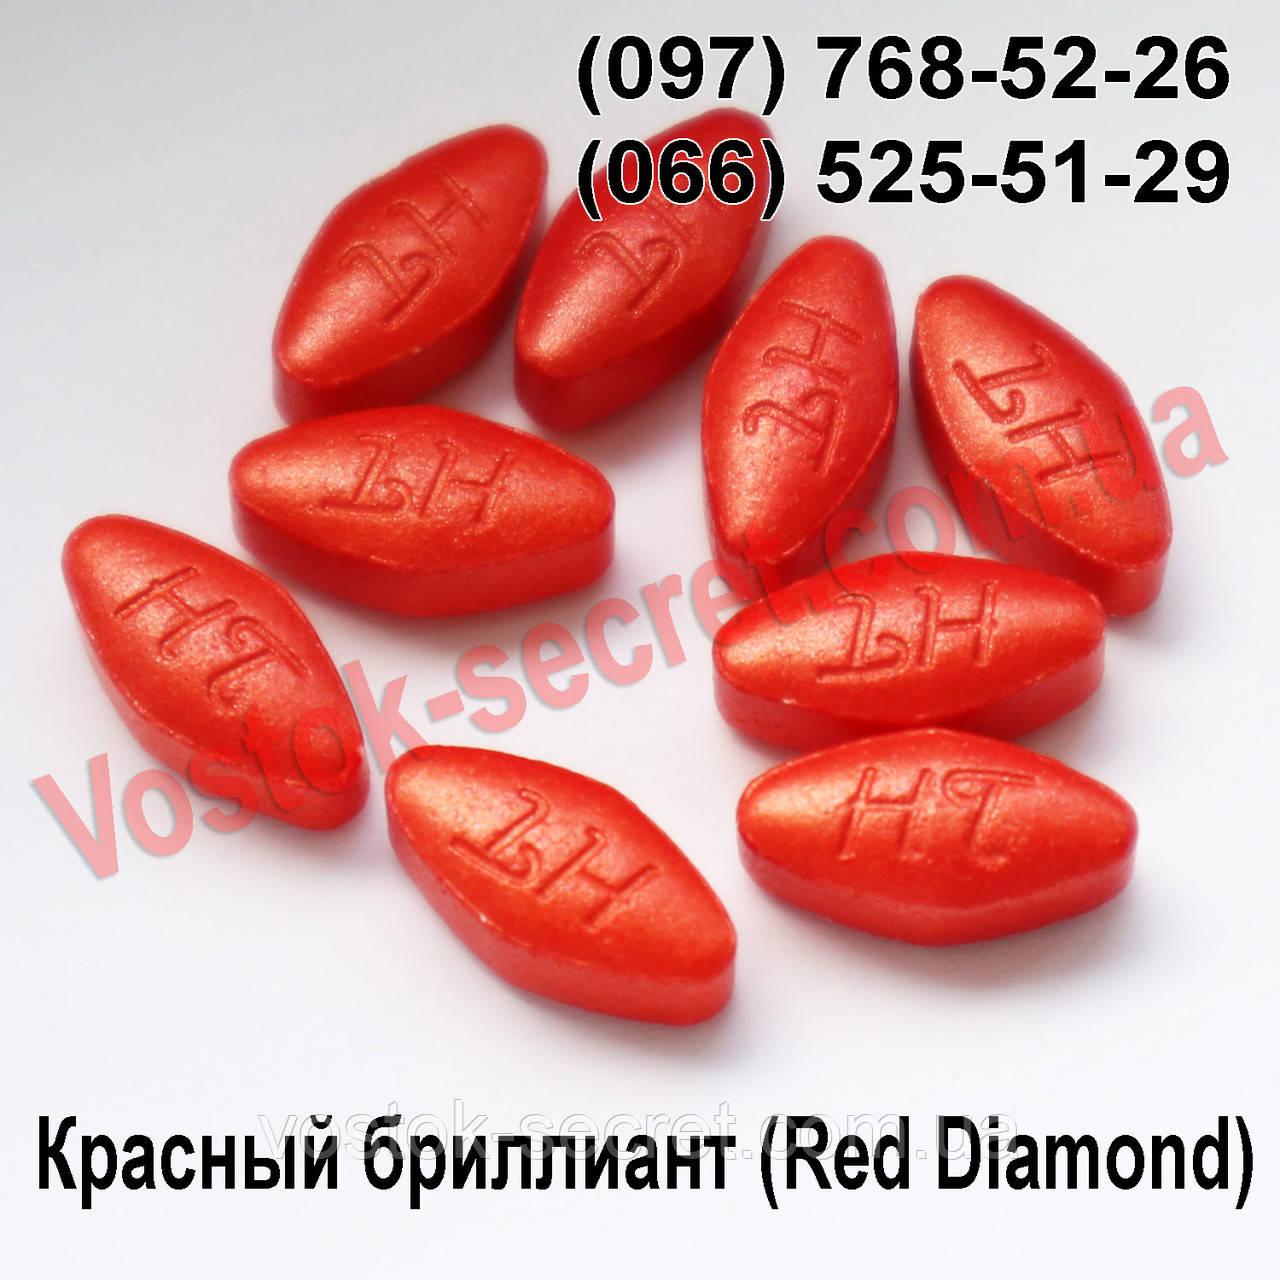 Красный бриллиант (Red Diamond),  препарт для потенции. Пробник, 1 таблетка